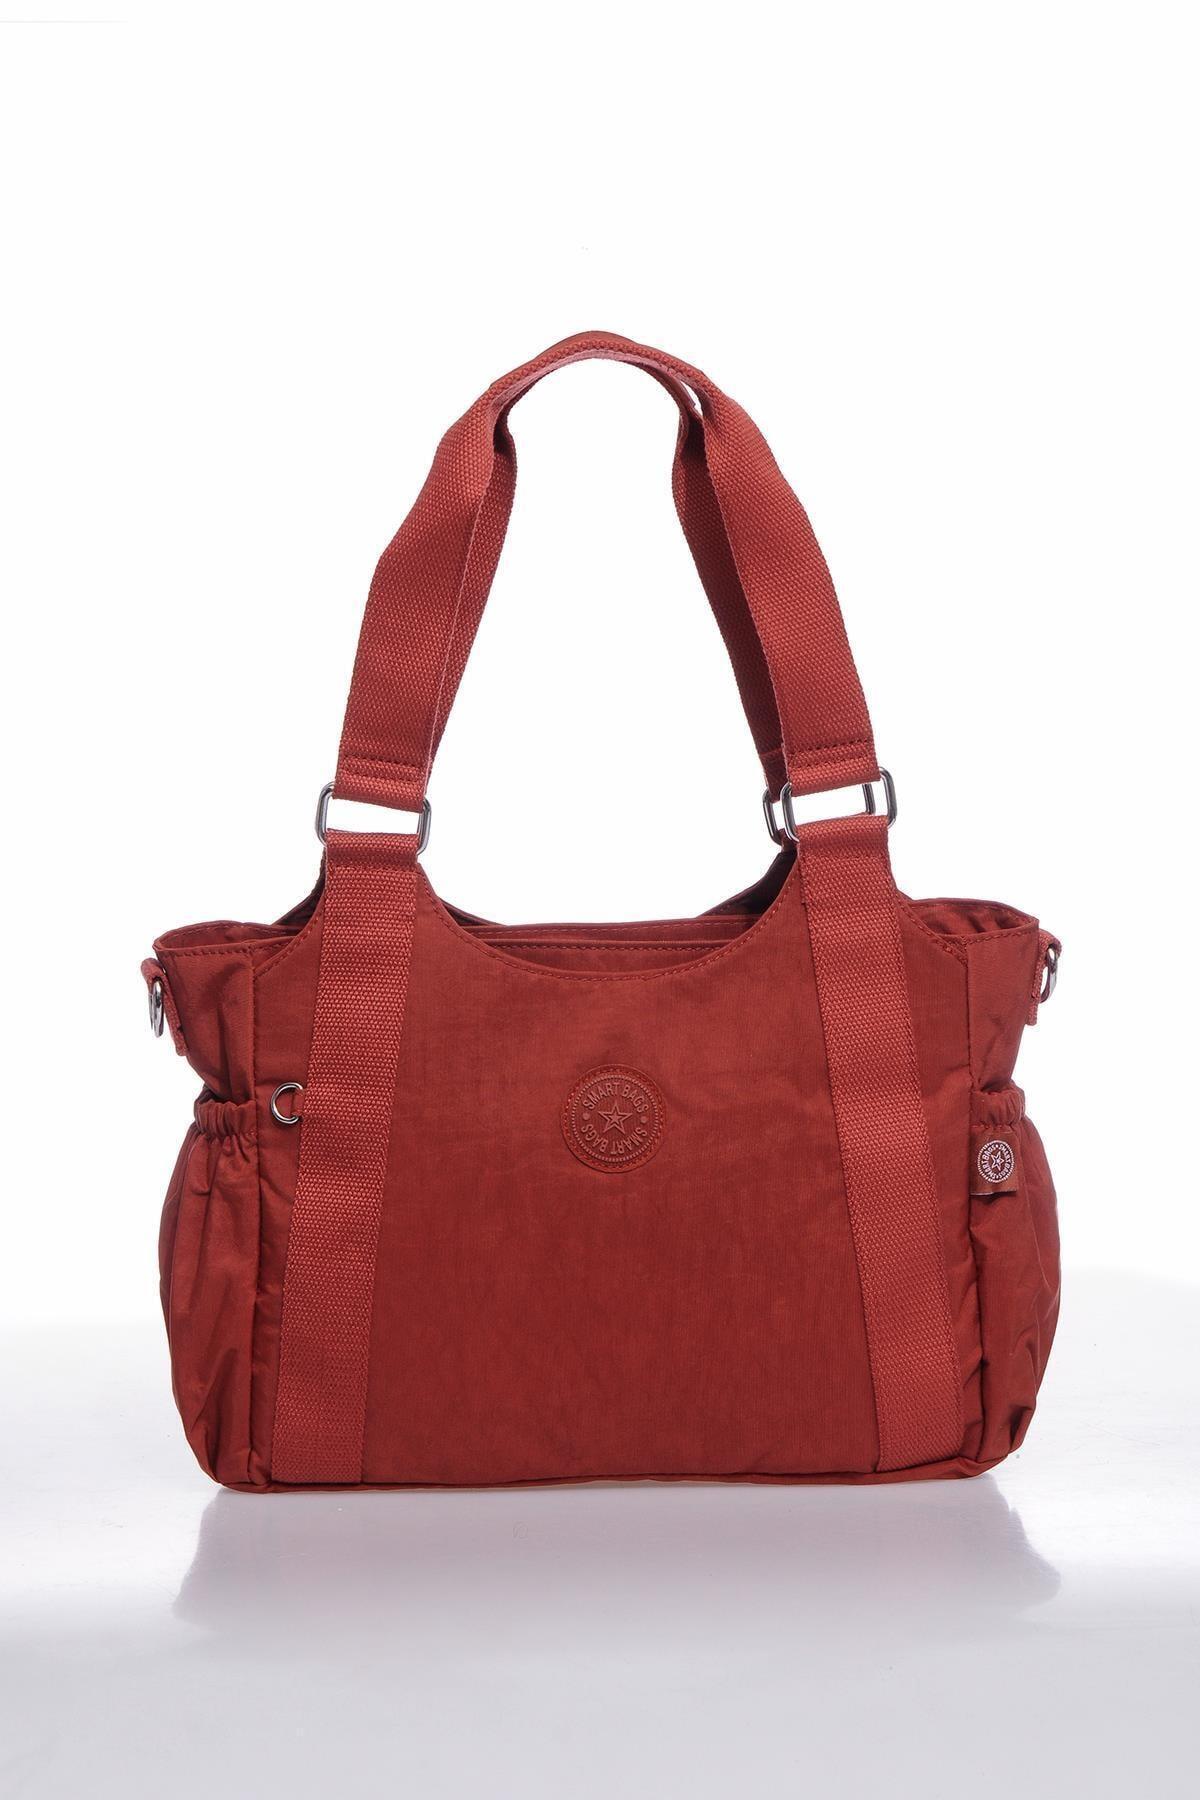 SMART BAGS Kadın Kiremit Omuz Çantası Smbk1163-0128 1